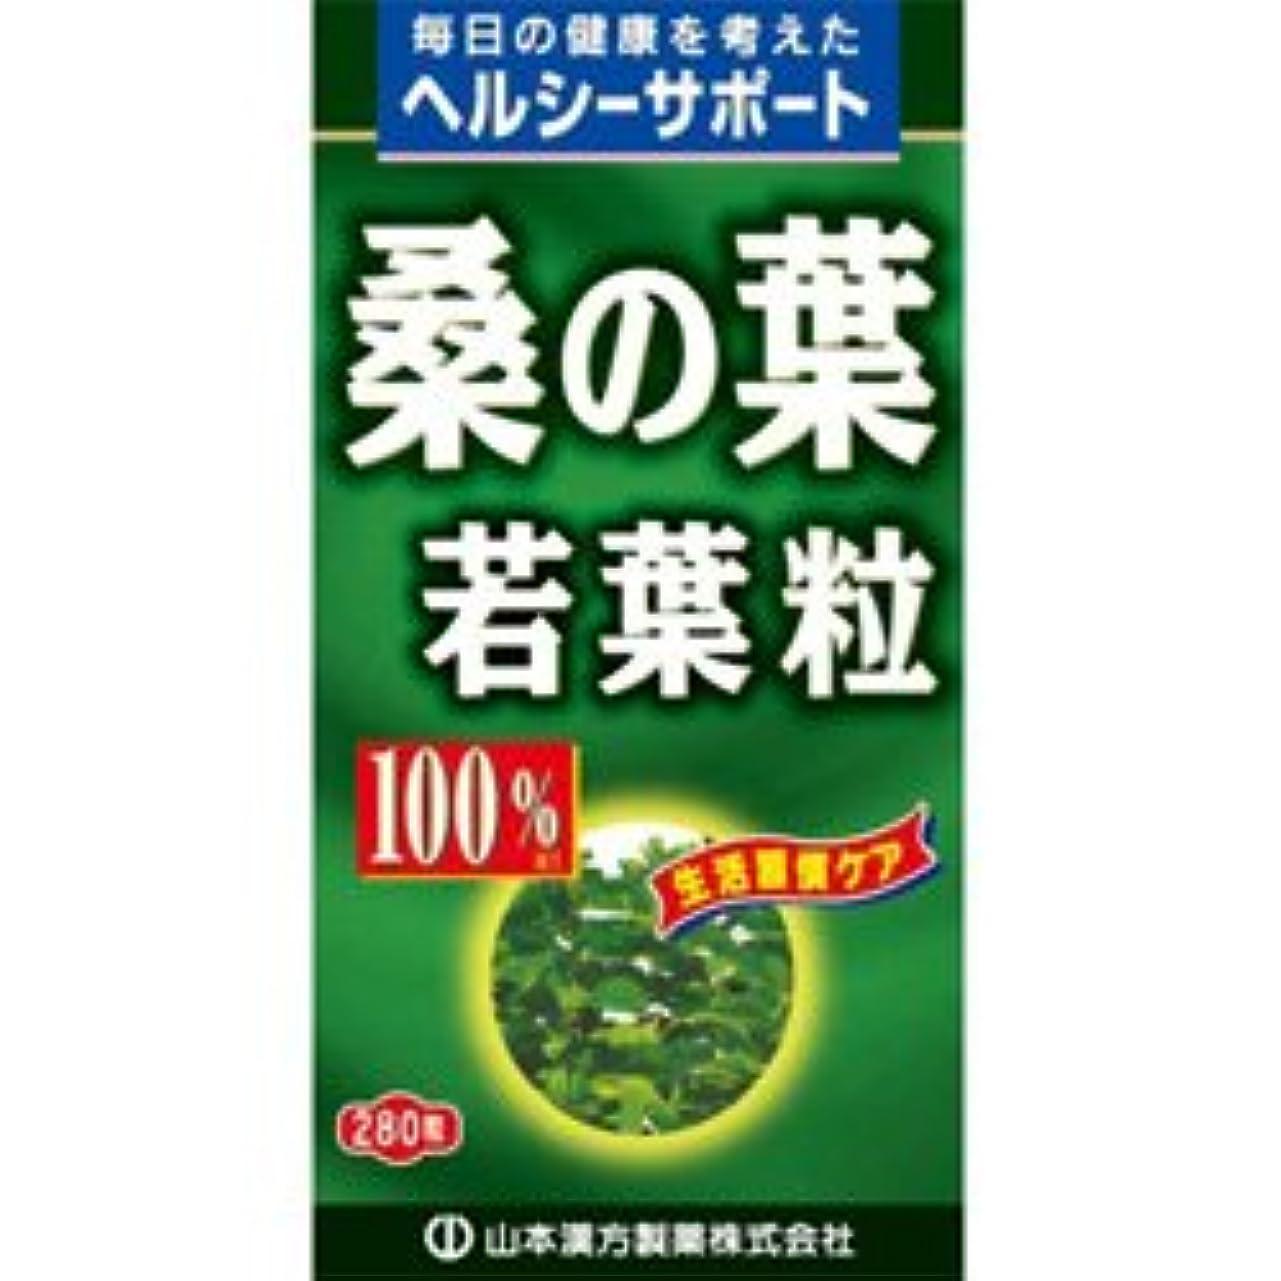 パス服を着るグリップ【山本漢方製薬】桑の葉粒 100% 280粒 ×10個セット